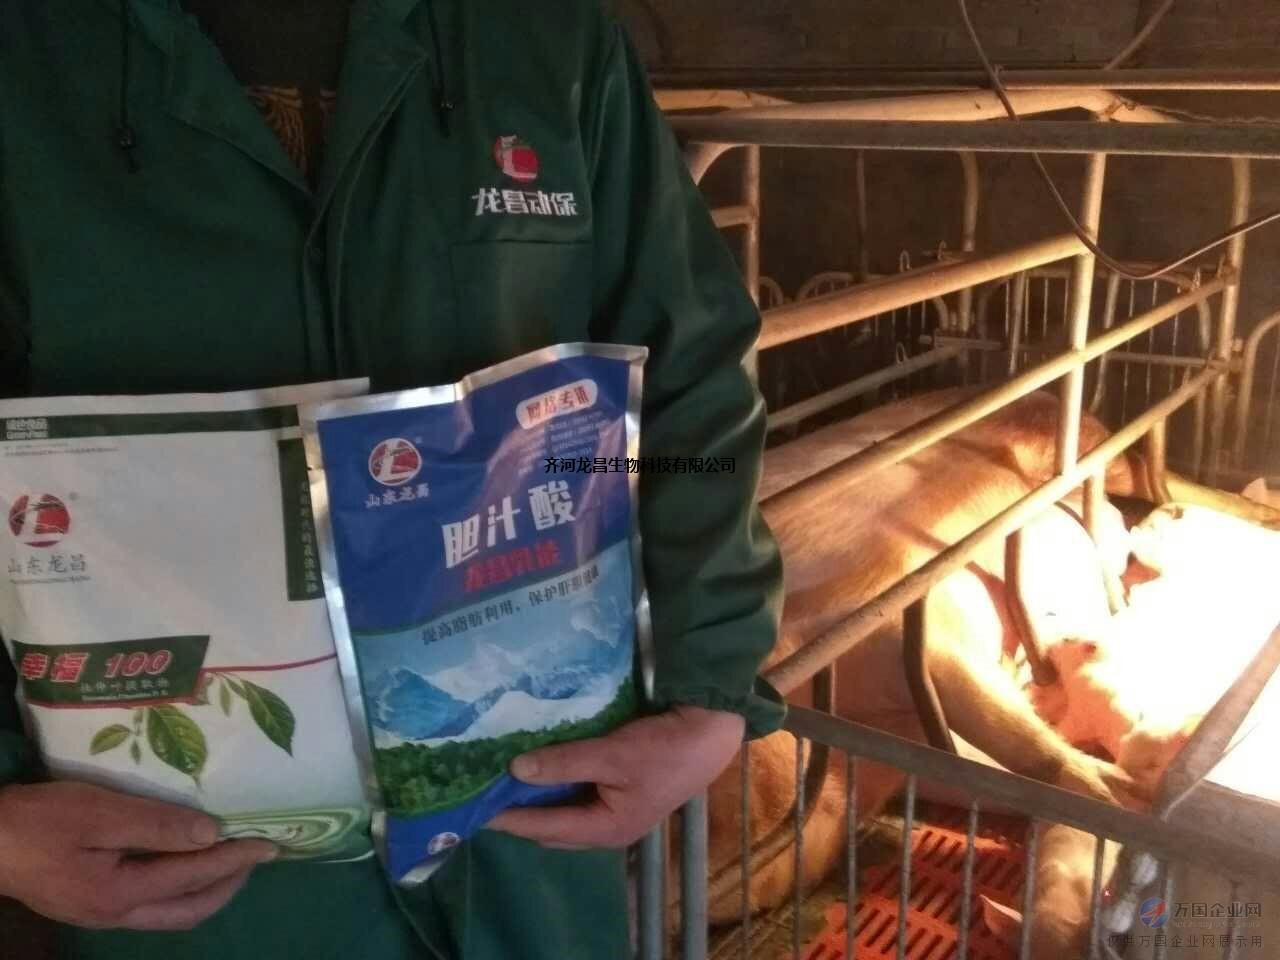 试卷猪热应激|猪用龙昌胆汁酸|高中叶提取物|中技术高温杜仲及信息答案的图片